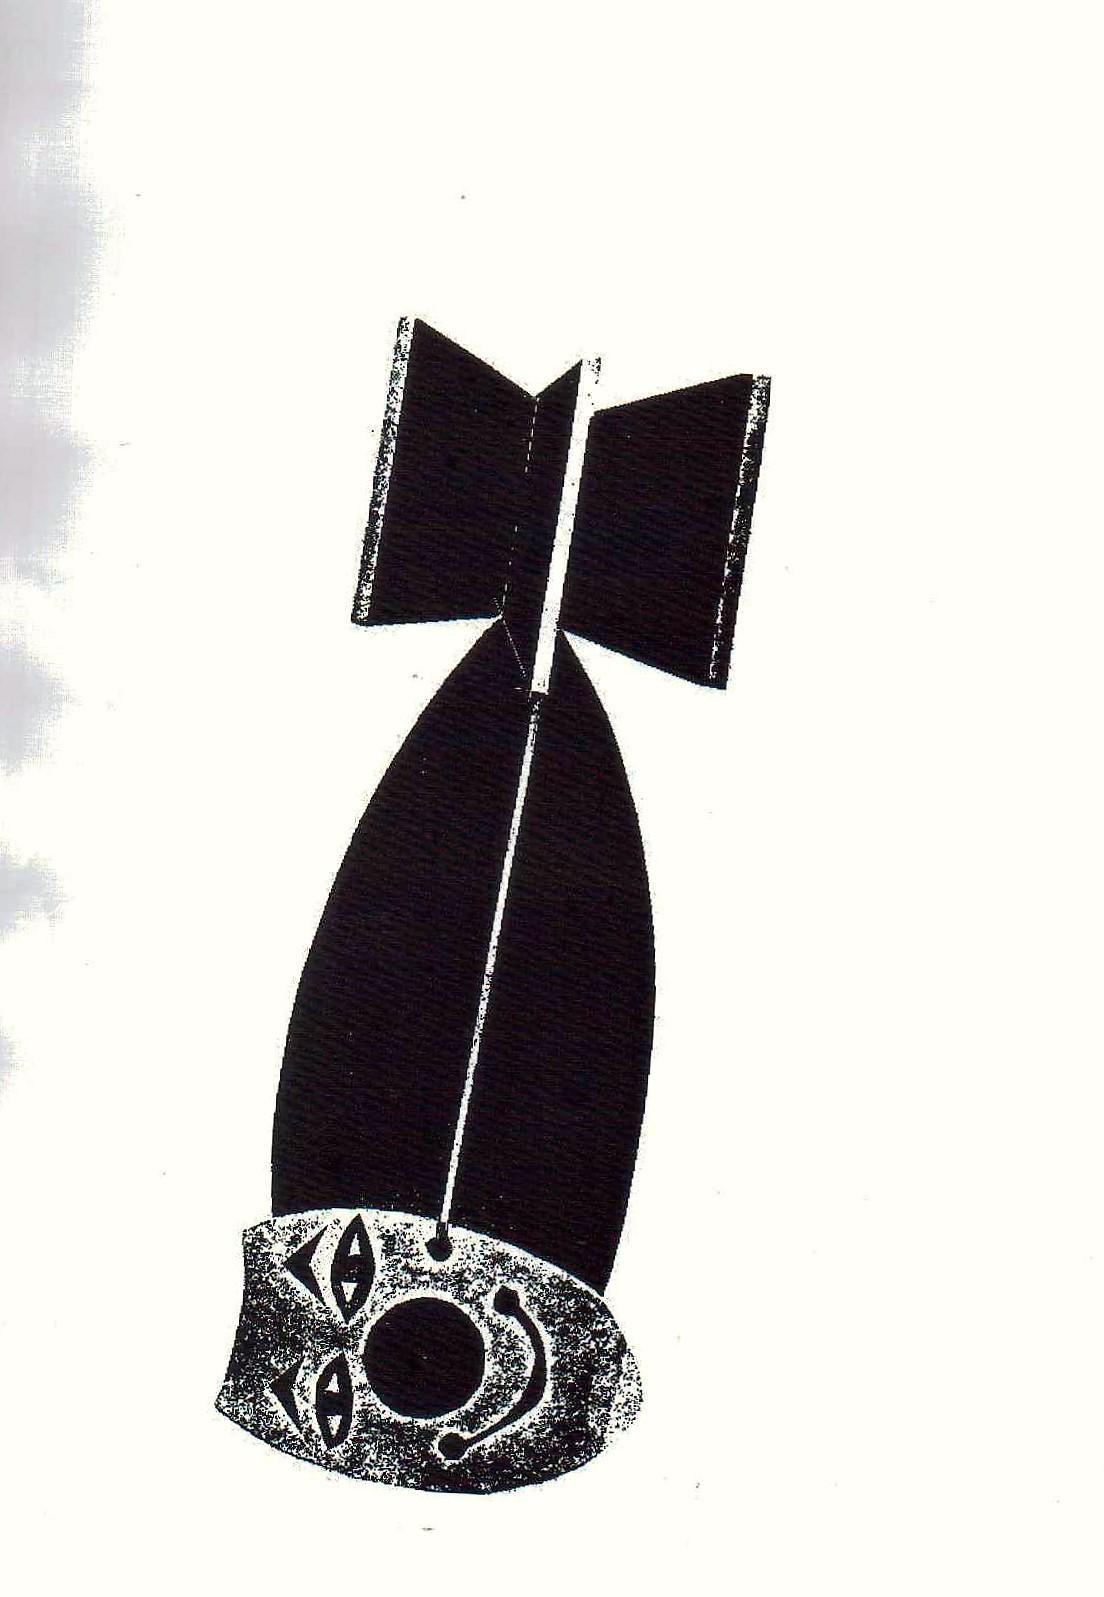 Jeff Perks- Iraq. Friendly Fire. Cardboard Cut. 30x20